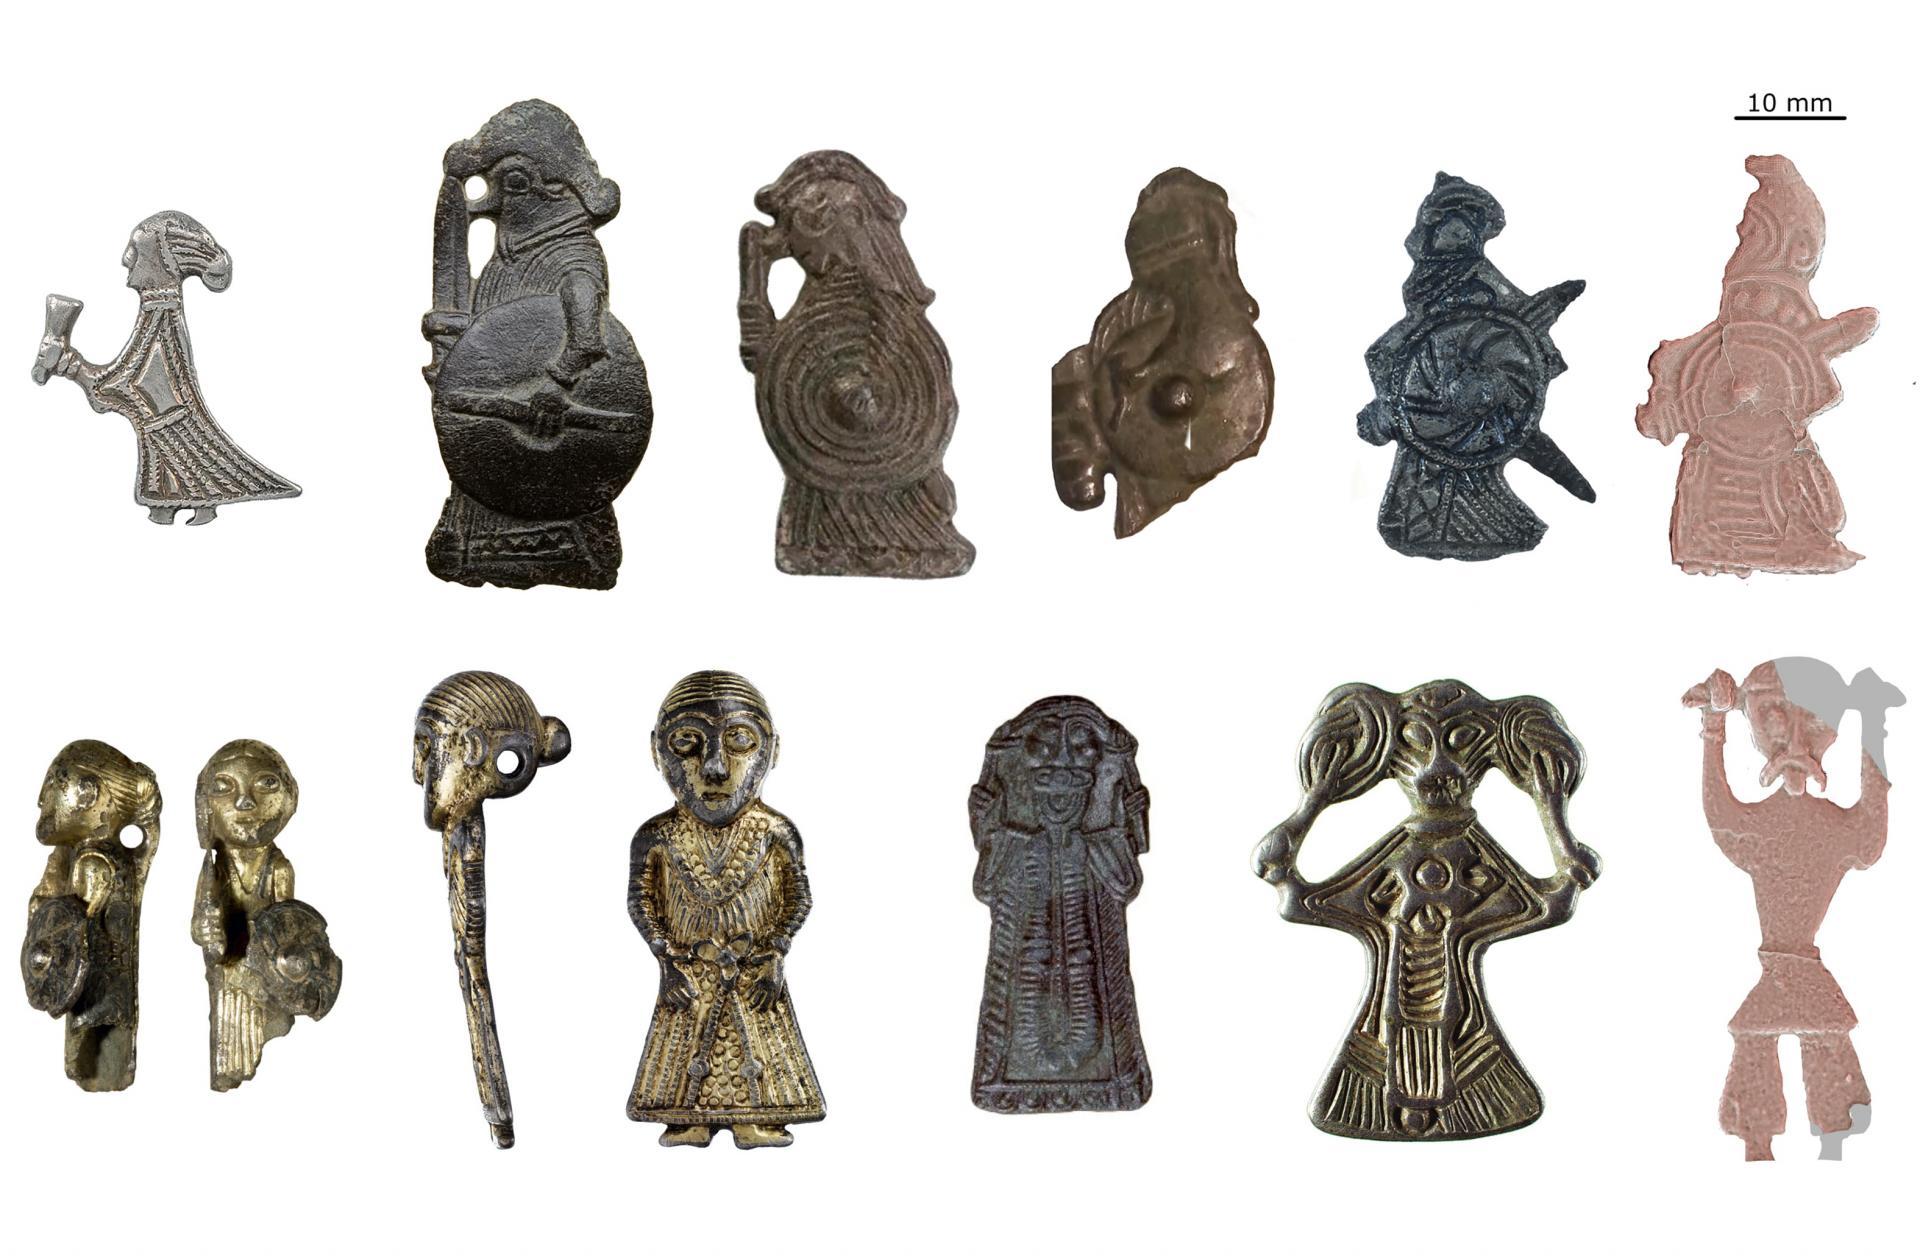 Ces figurines de l'Âge Viking représenteraient des hommes et des femmes dans la pratique d'un rituel, et non des divinités - Photos: Pieterjan Deckers, Sarah Croix et Søren Sindbæk